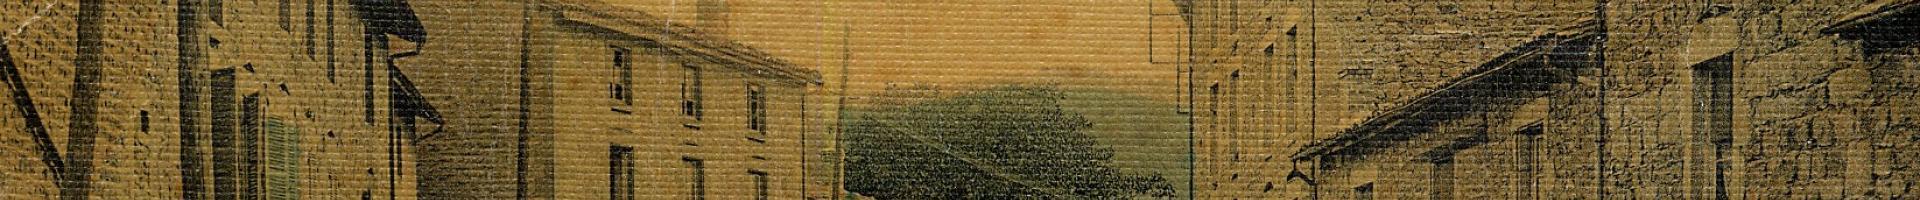 Sabatier coutellerie historique de Thiers